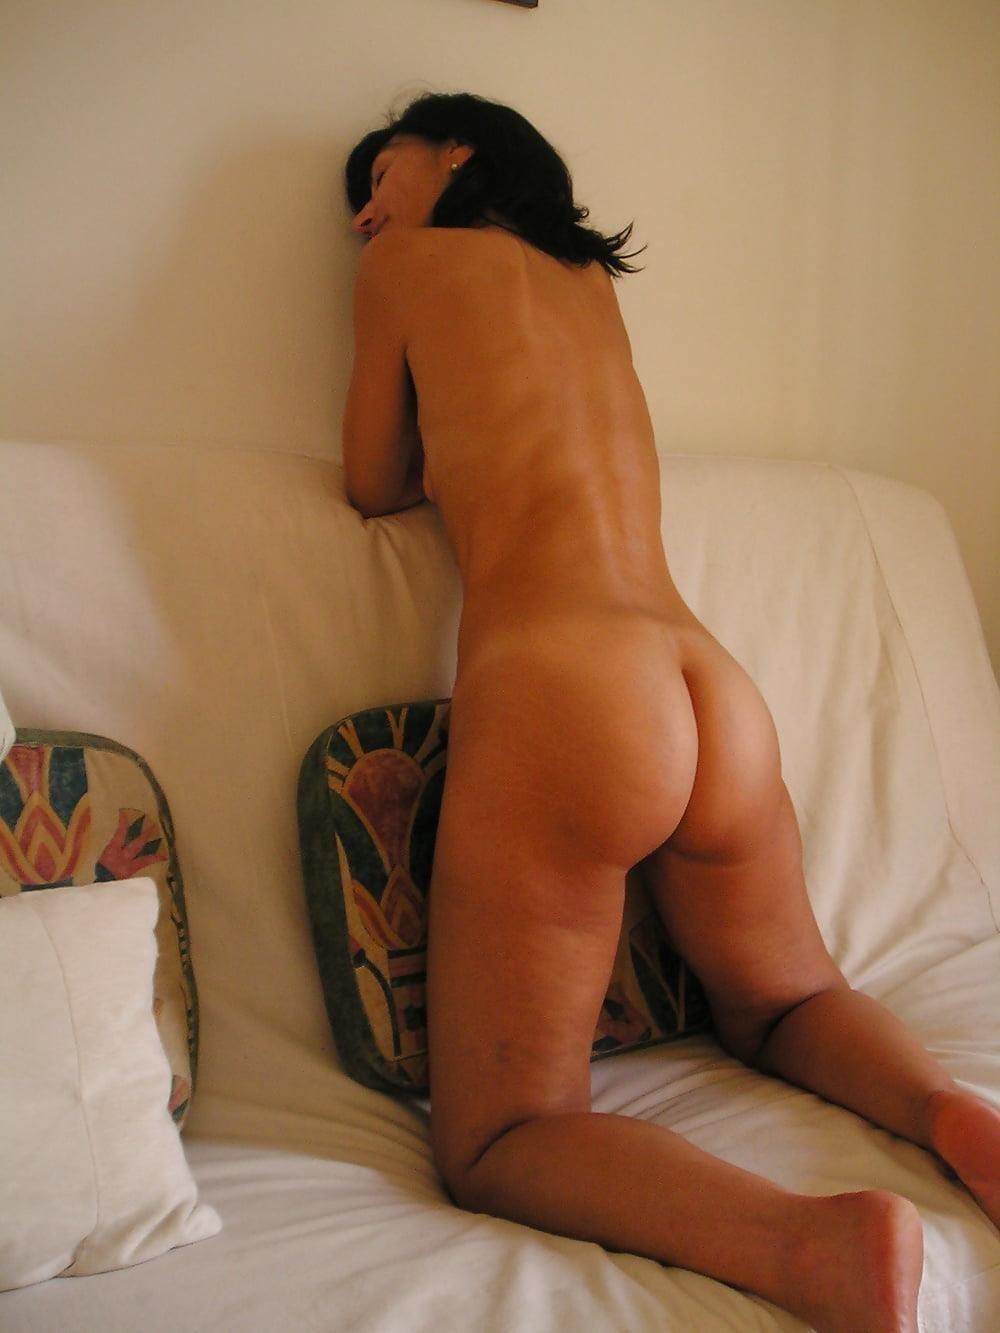 Hot girls bathing naked-2223